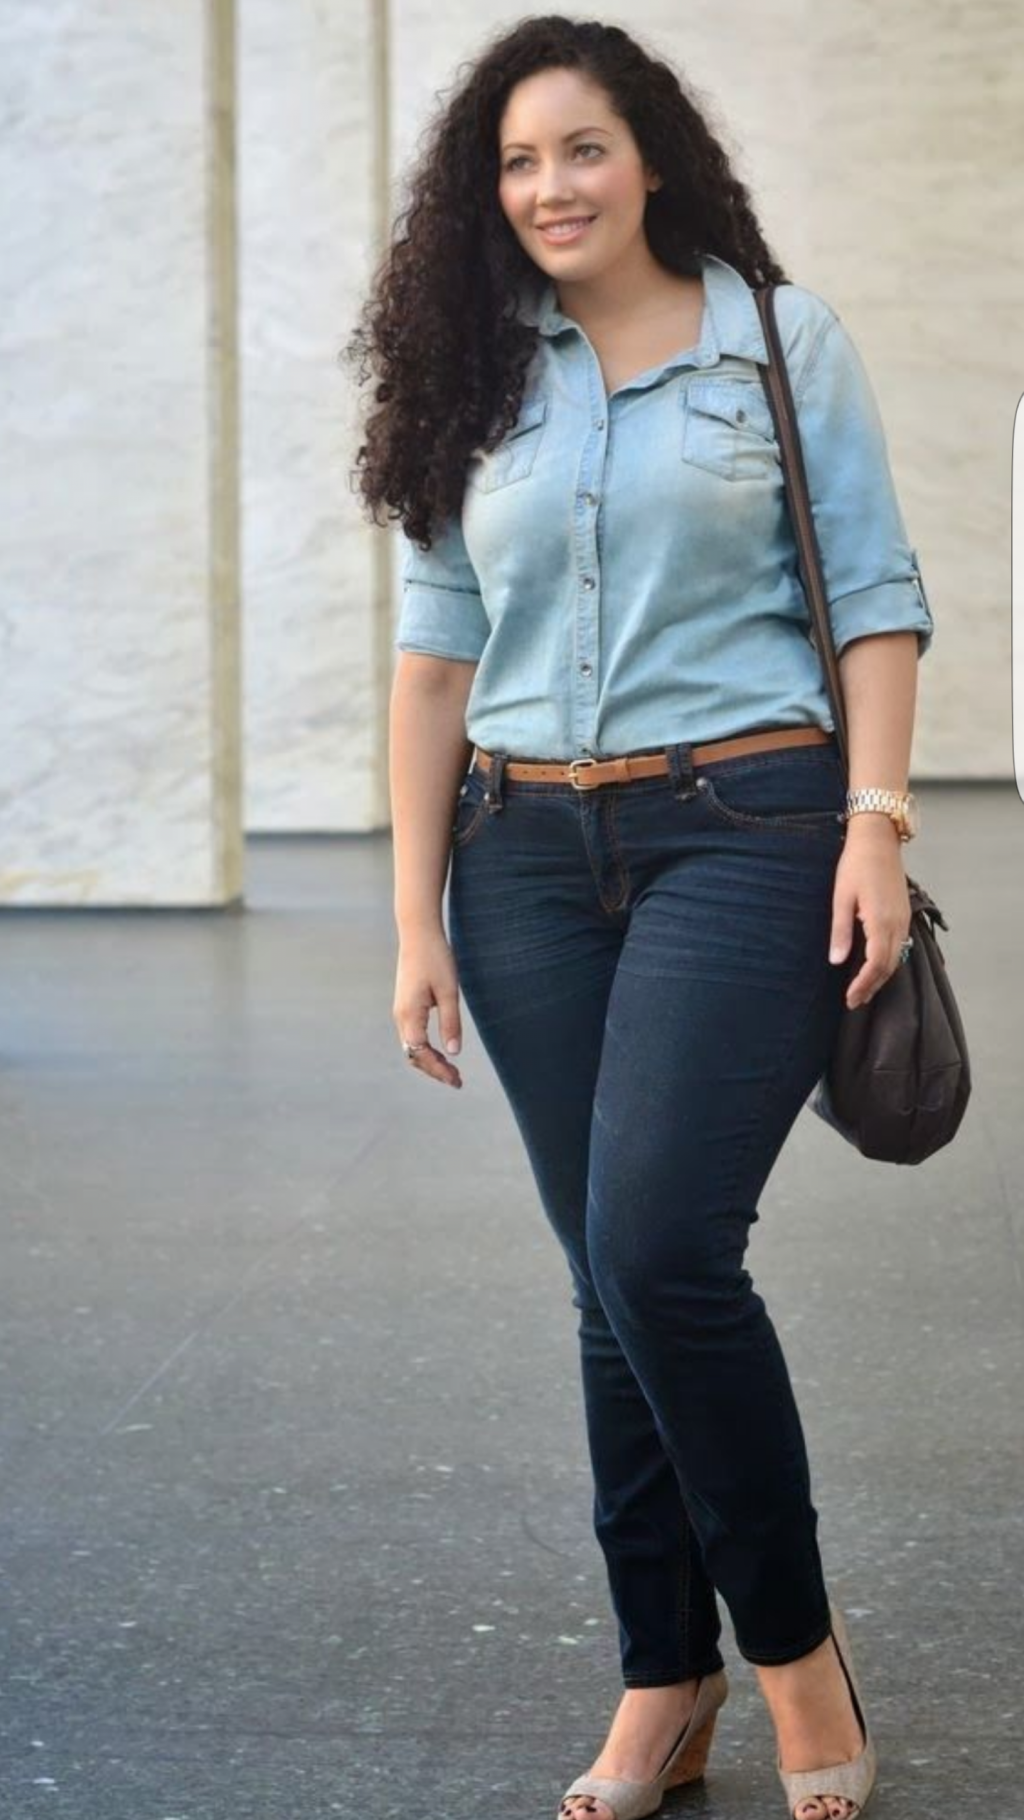 фото зрелой женщины в джинсах что сообщив